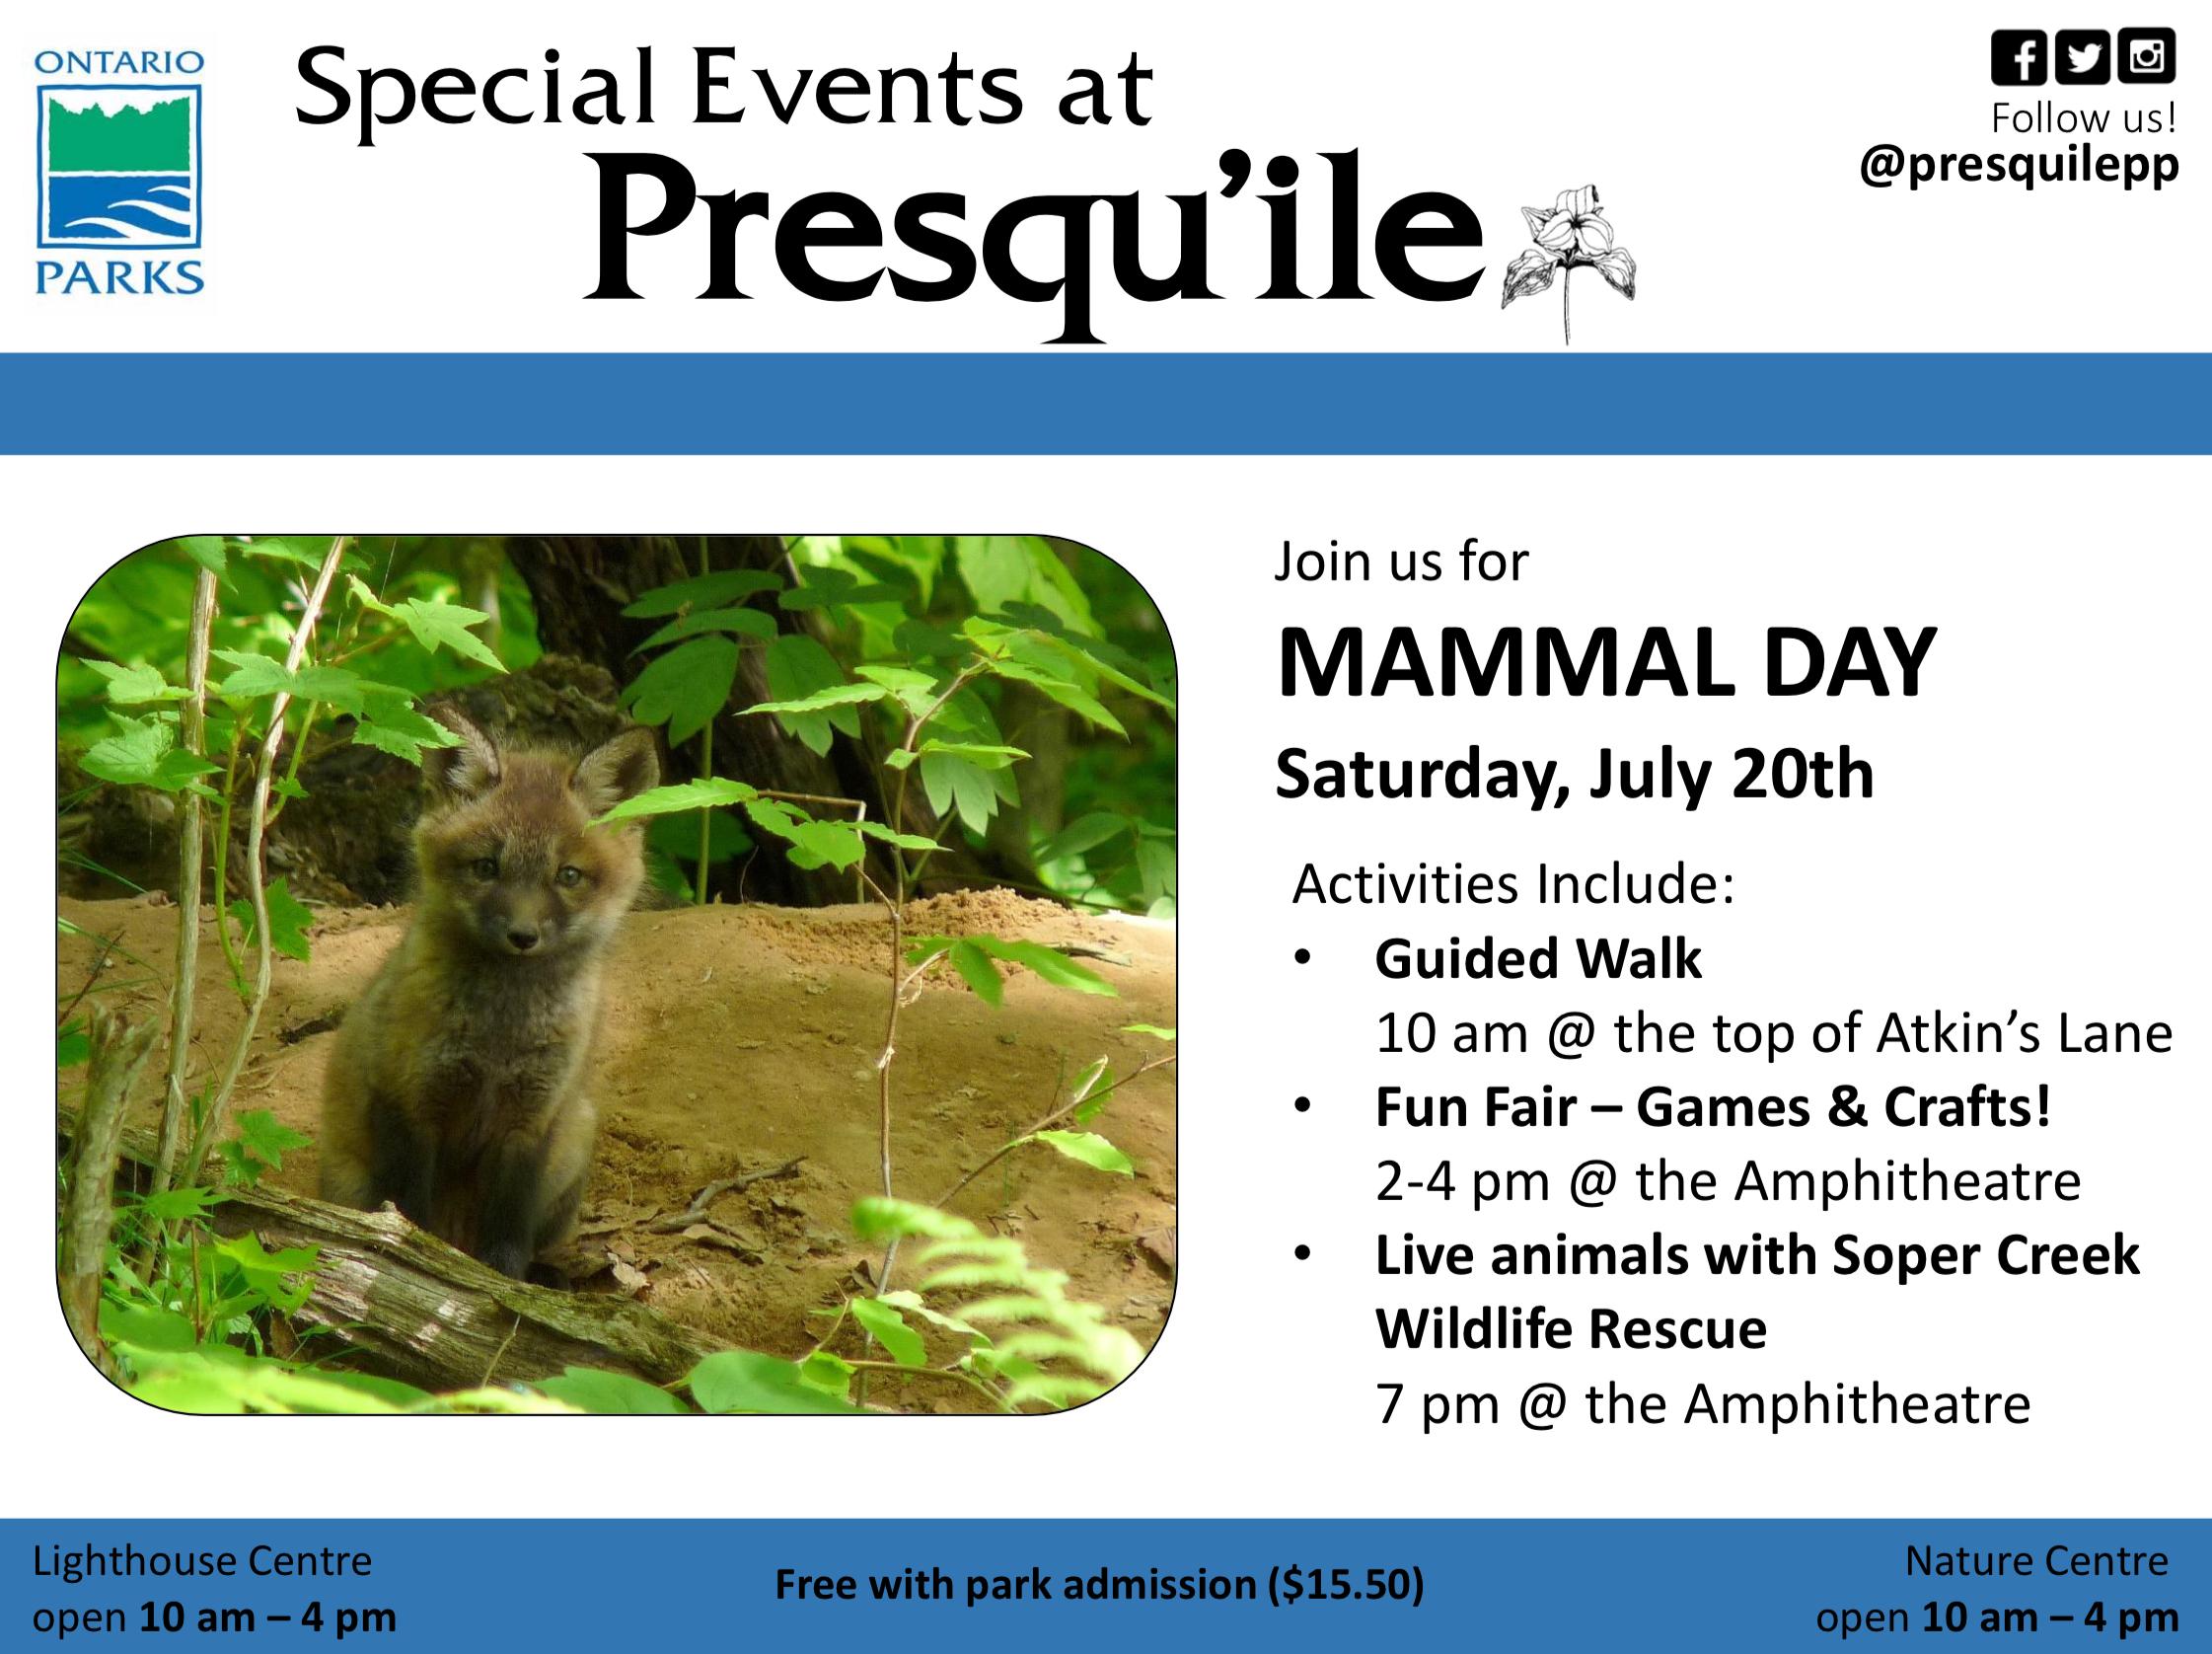 Mammal Day at Presqu'ile Schedule